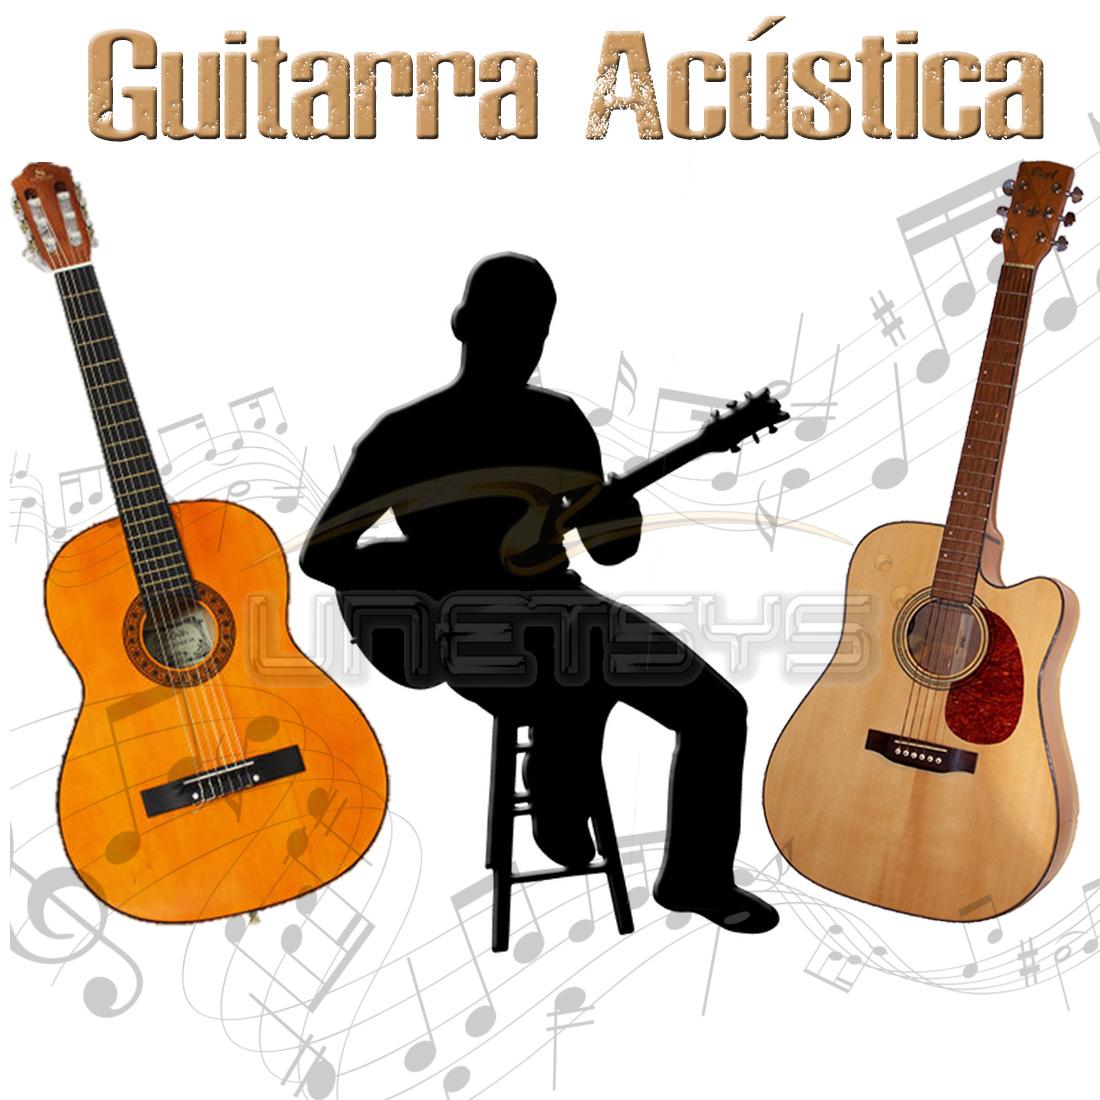 https://0201.nccdn.net/1_2/000/000/0af/e50/guitarra-ac--stica.jpg